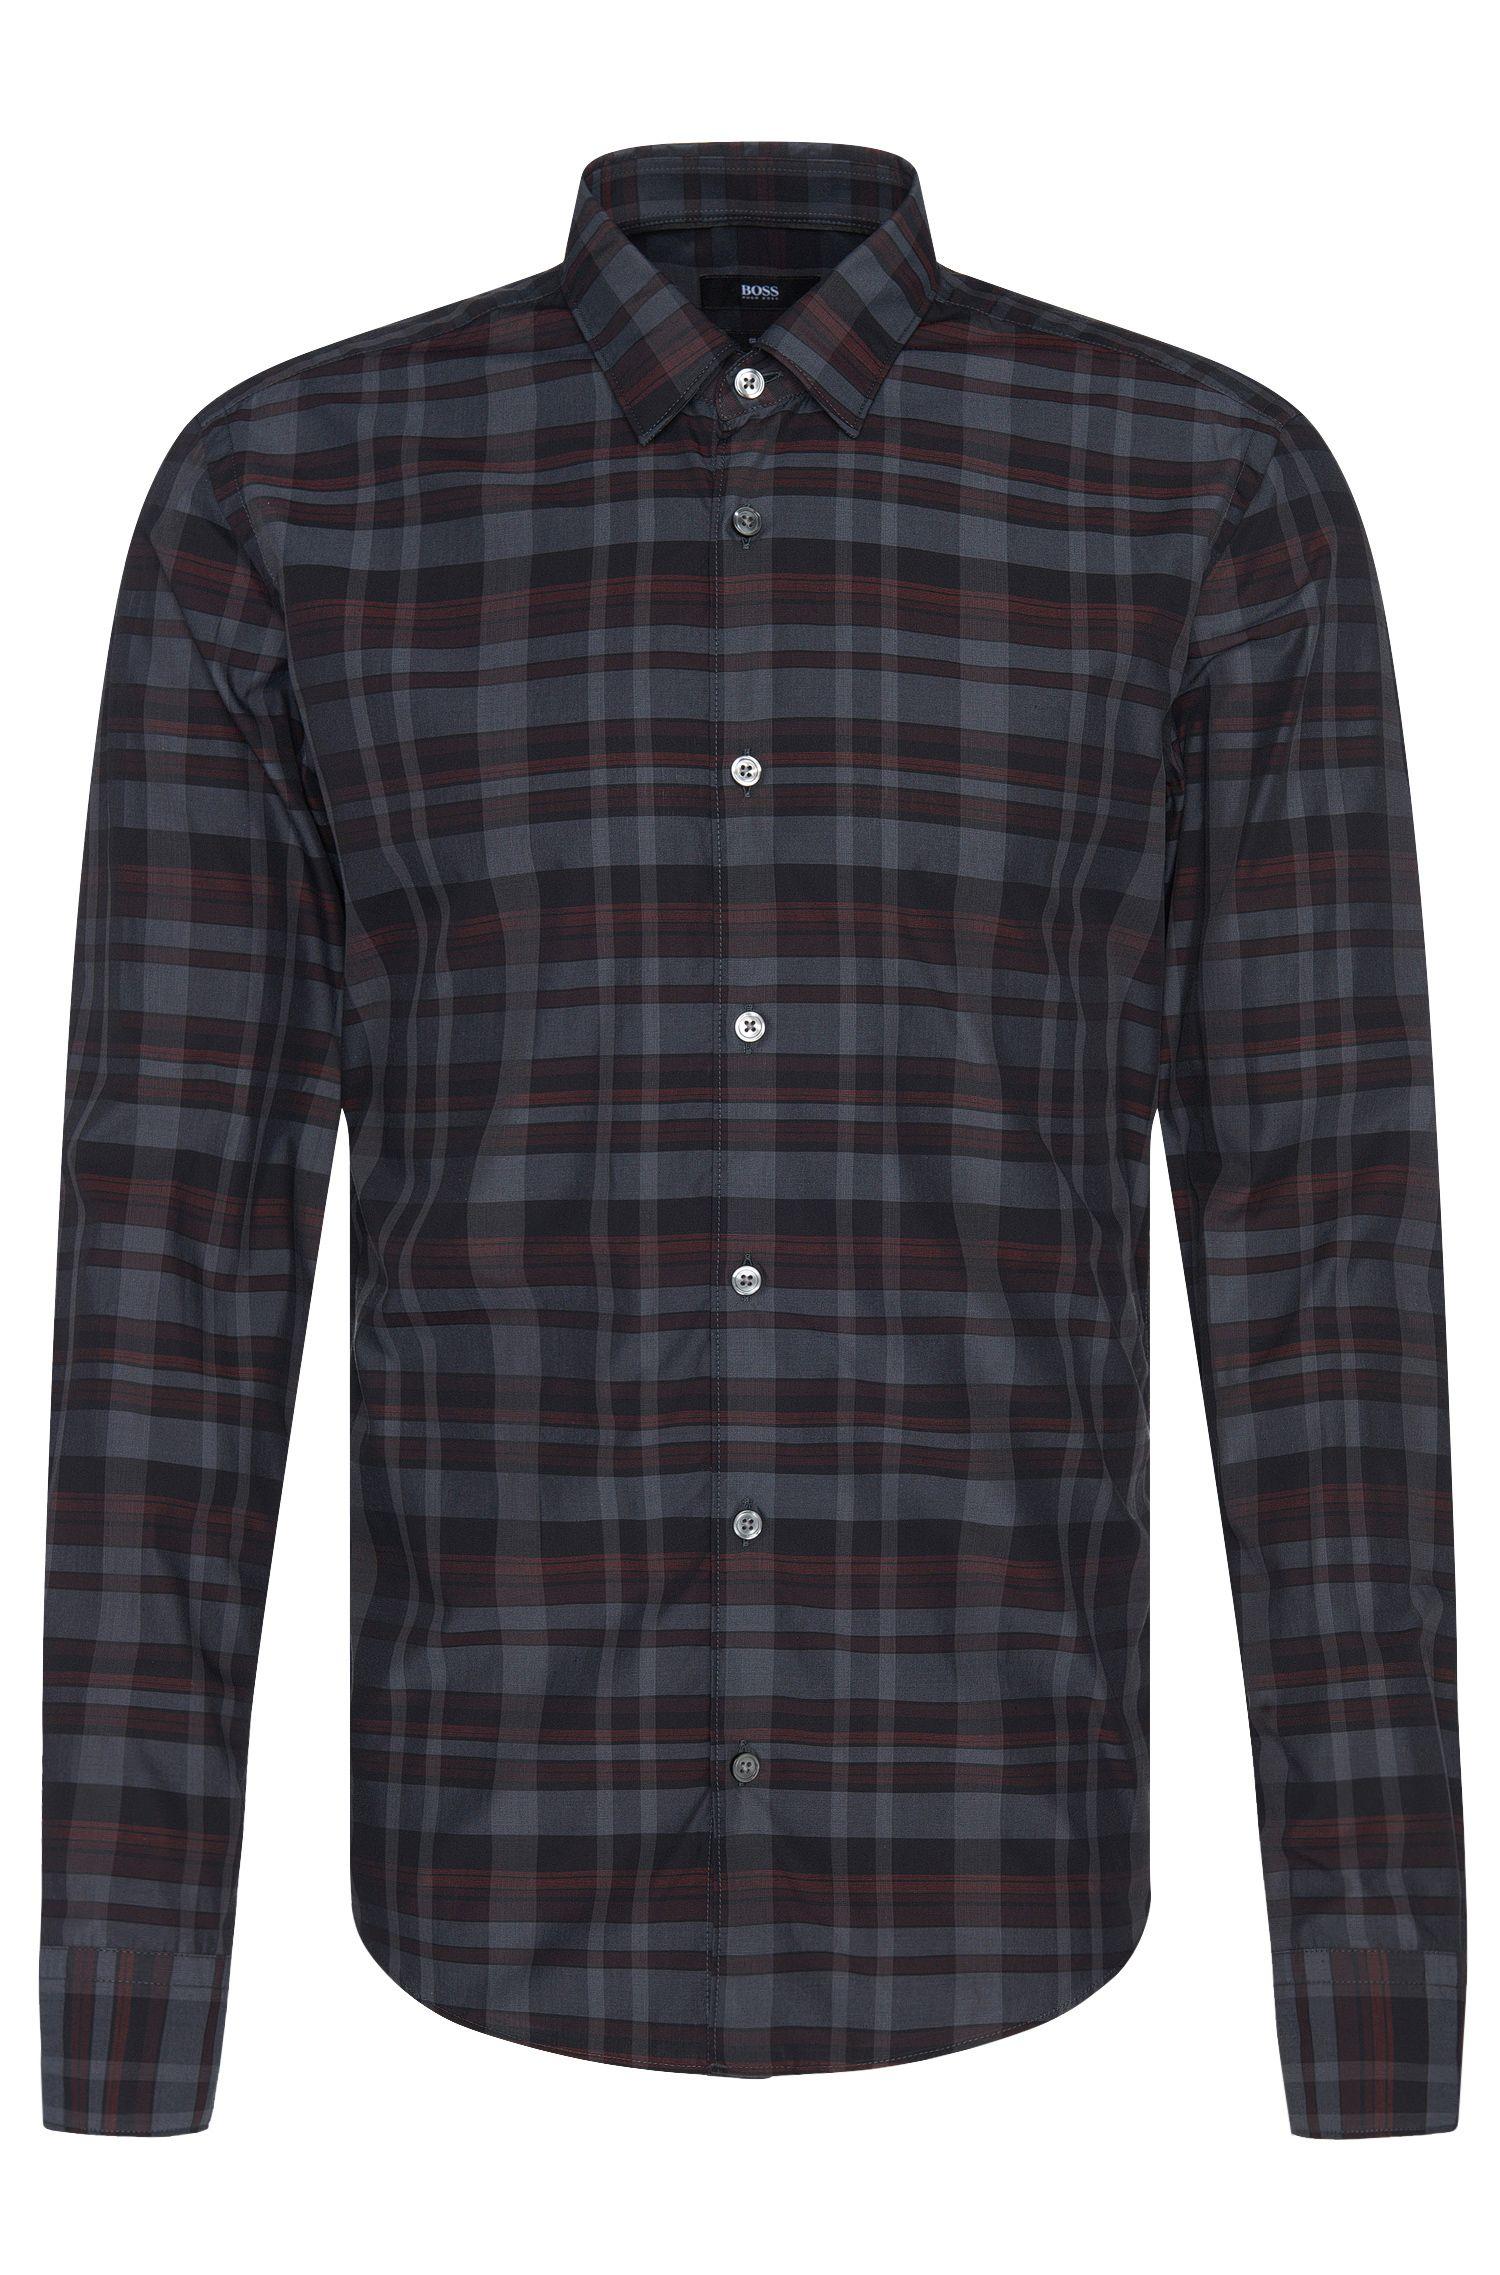 'Reid' | Slim Fit, Cotton Plaid Button Down Shirt